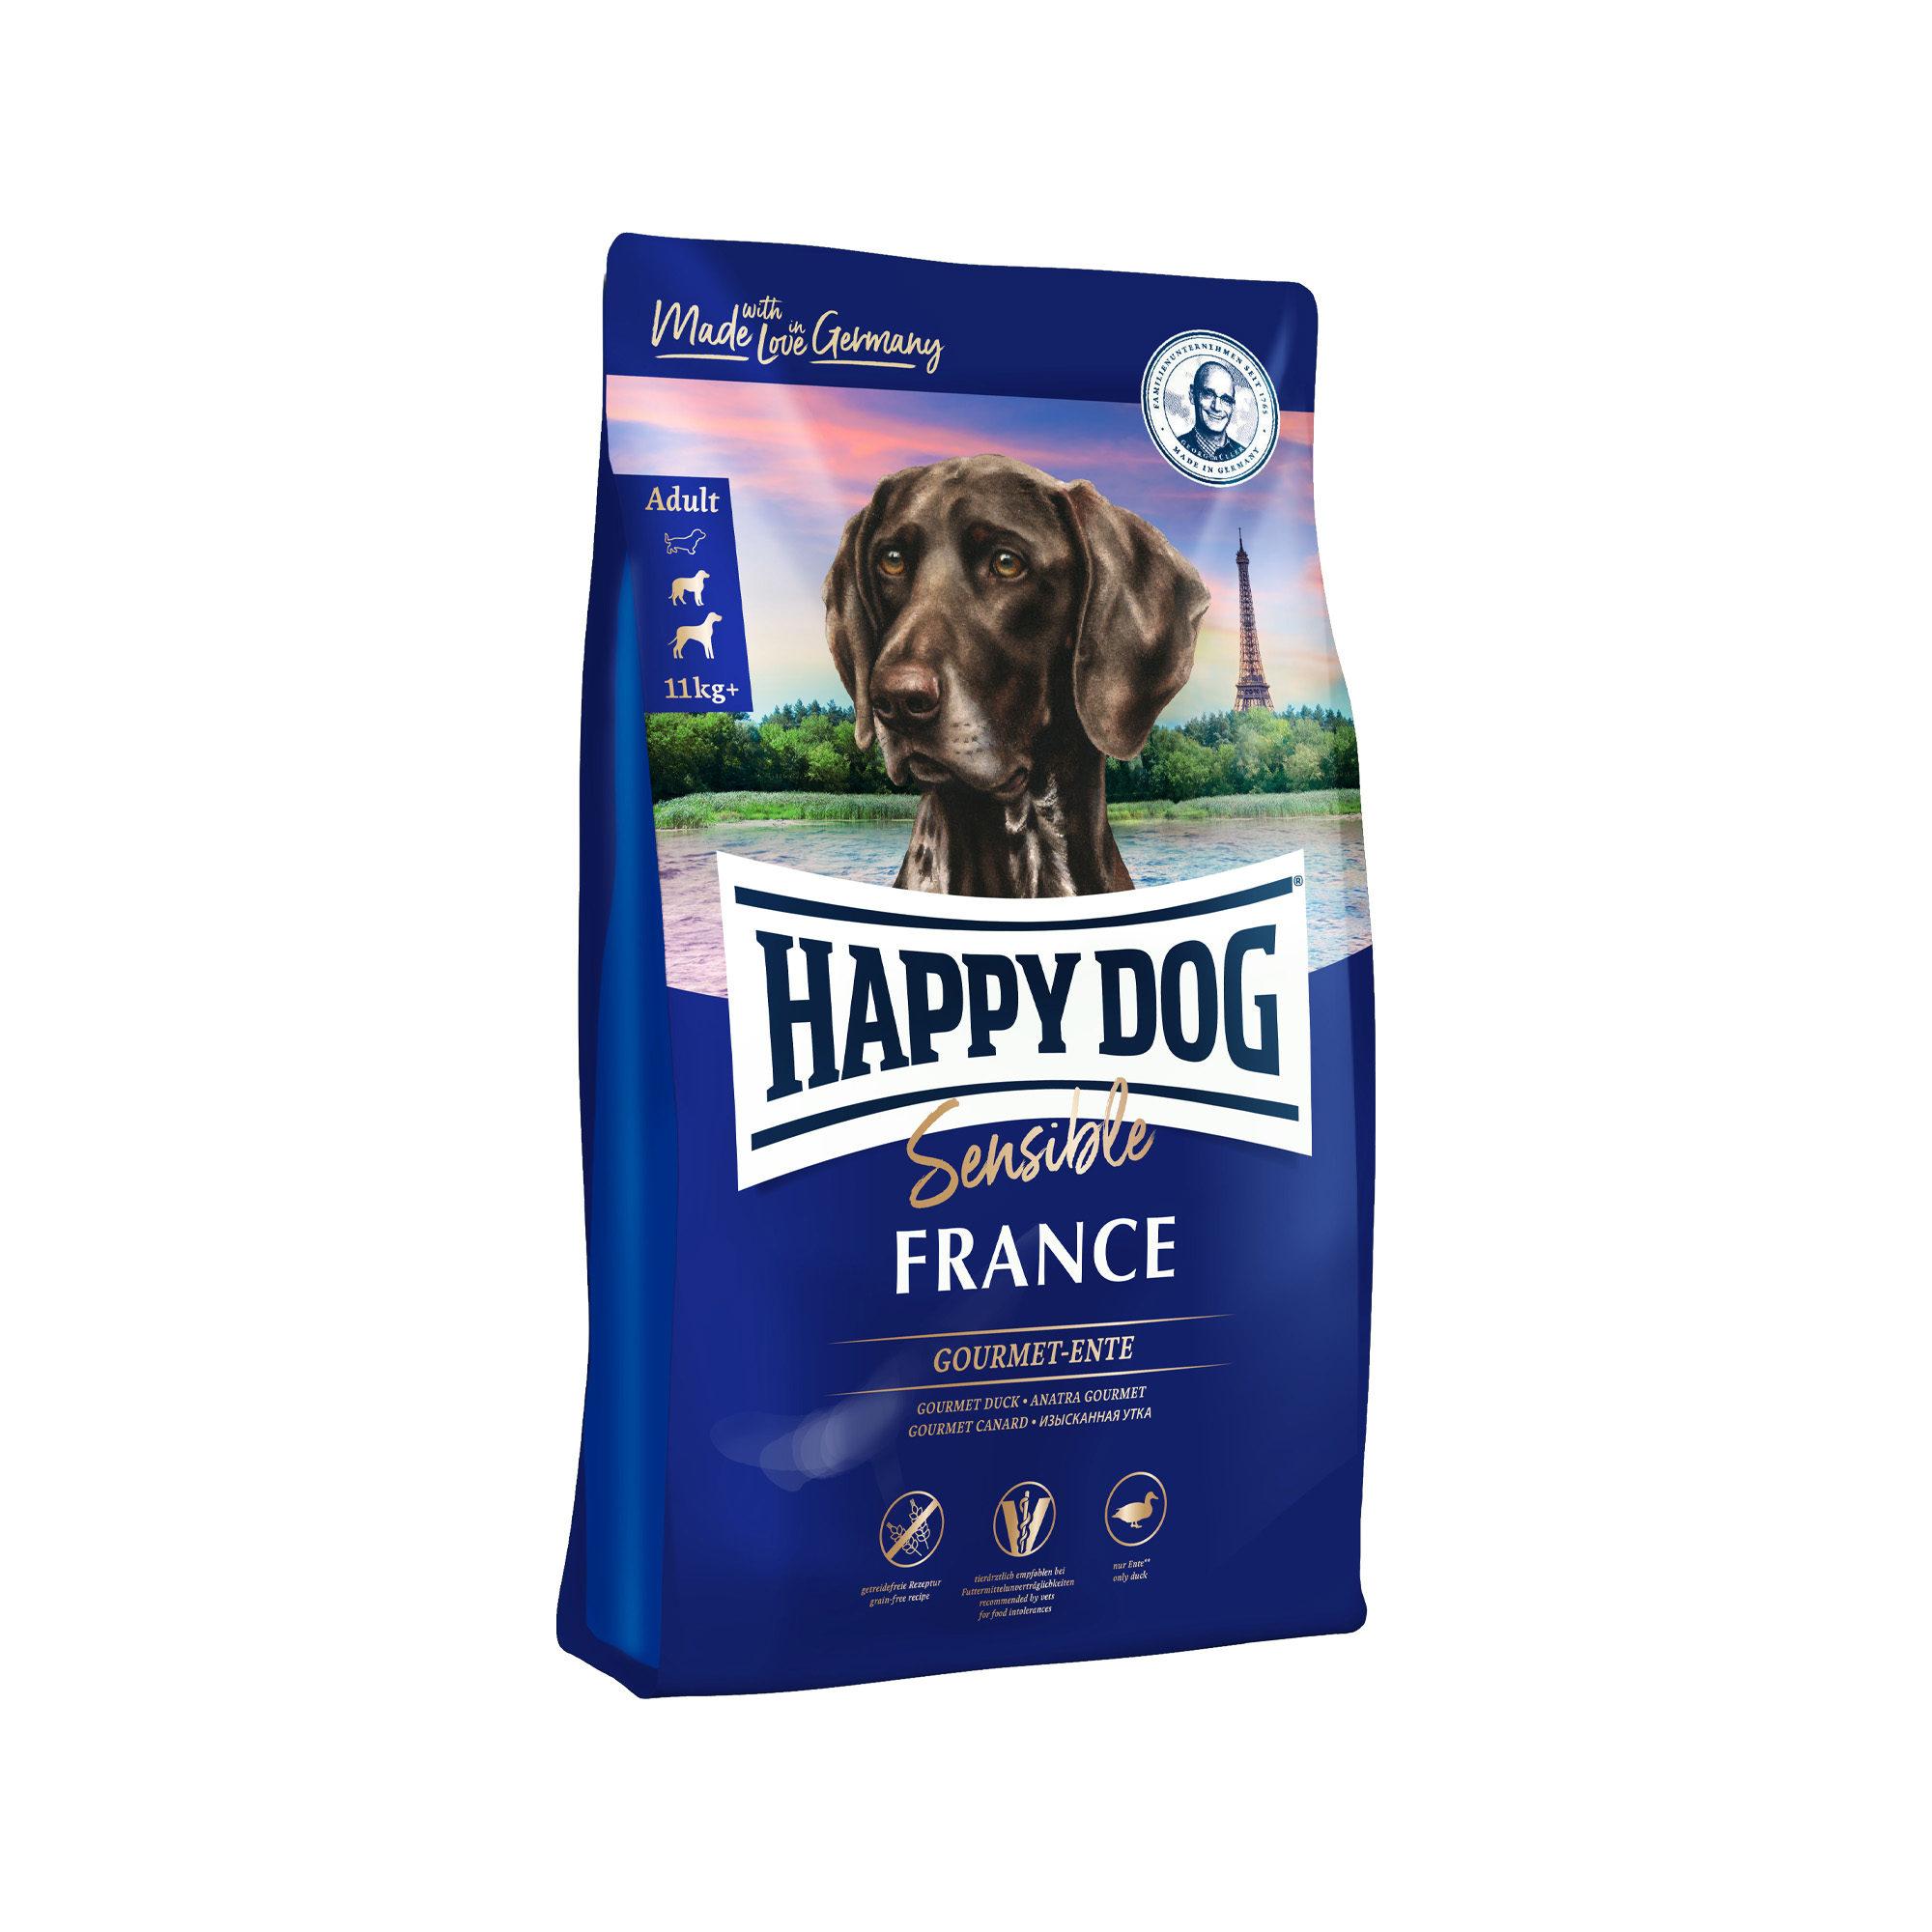 Happy Dog Supreme Sensible France Hundefutter